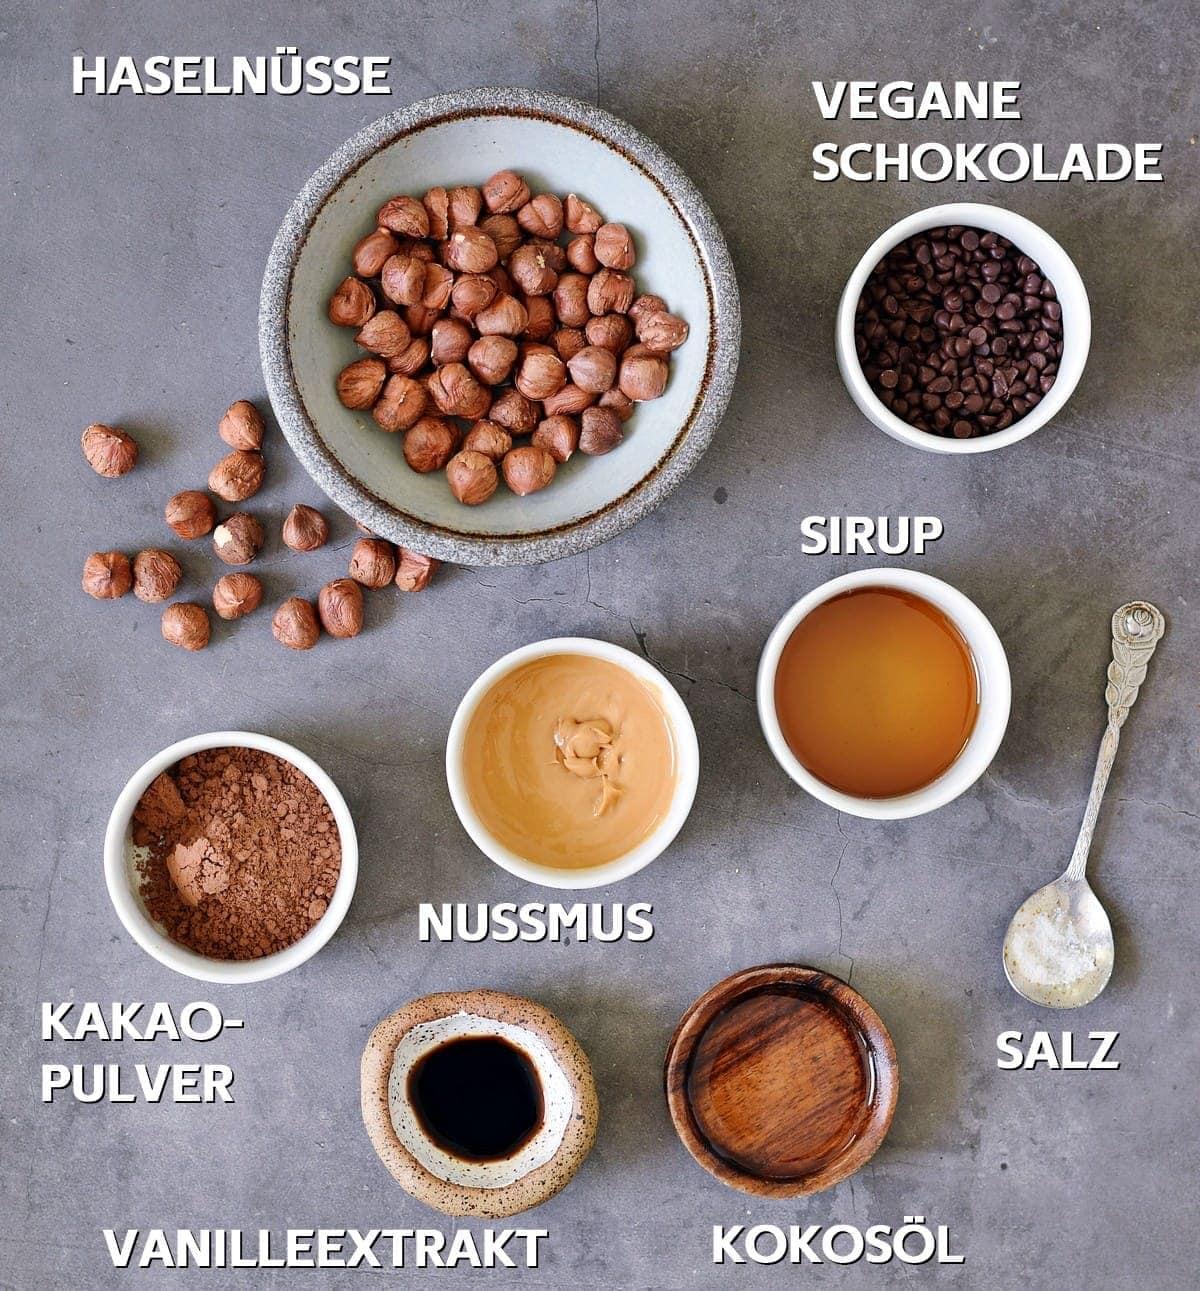 Vegane Schokolade, Sirup, Salz, Kokosöl, Nussmus, Vanilleextrakt, Kakaopulver, Haselnüsse auf grauem Hintergrund